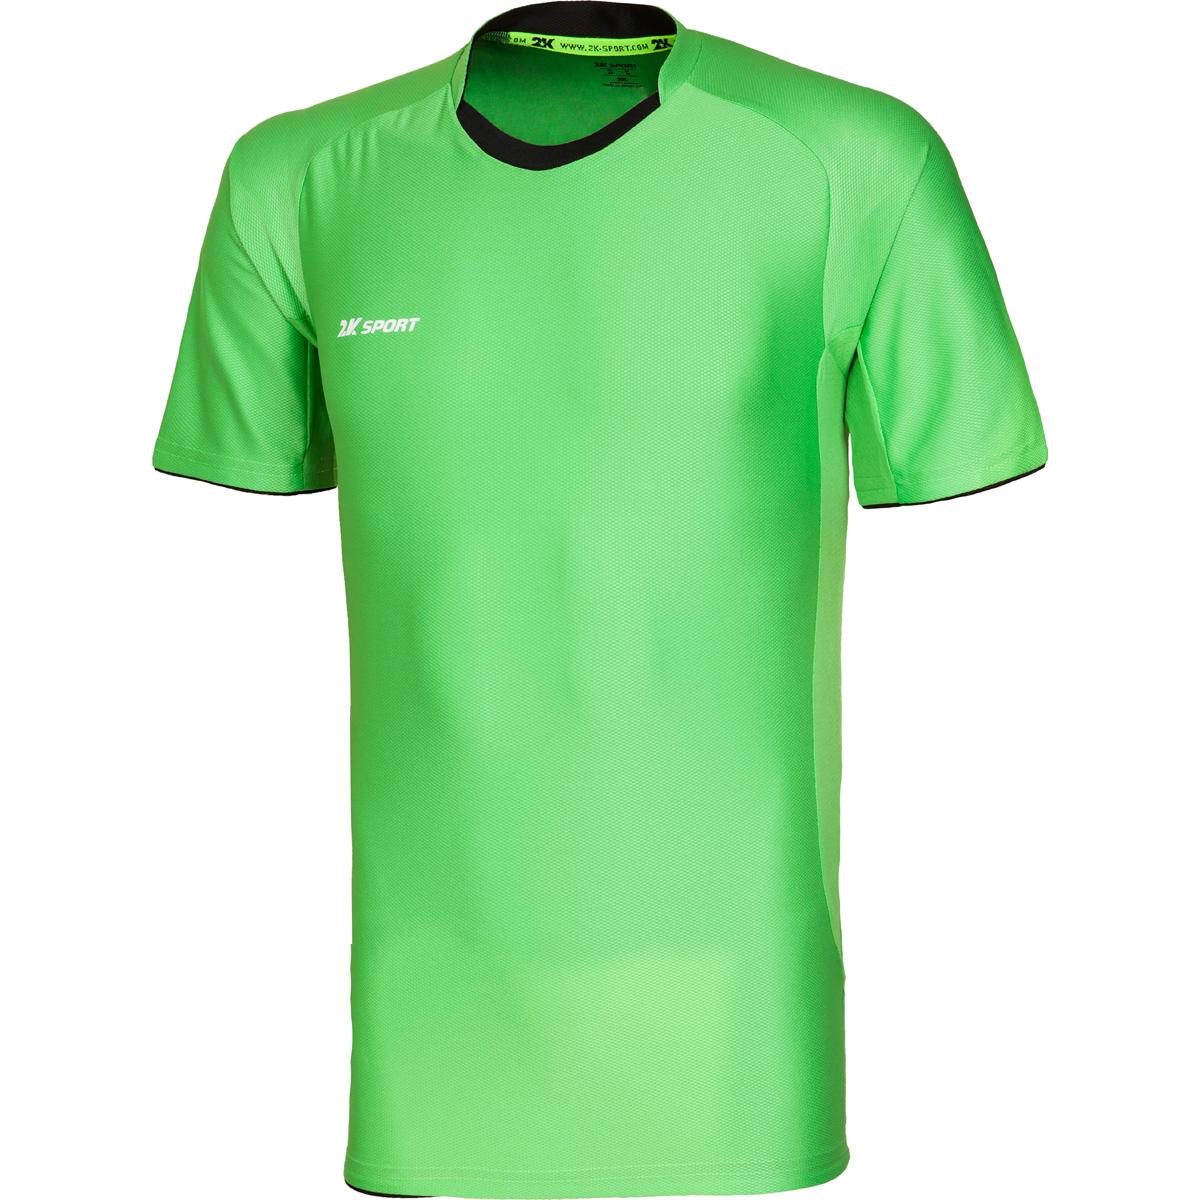 Футболка игровая мужская 2K Sport Champion II, цвет: светло-зеленый, черный. 120018. Размер XS (44) повязка капитанская 2k sport captain цвет светло зеленый черный